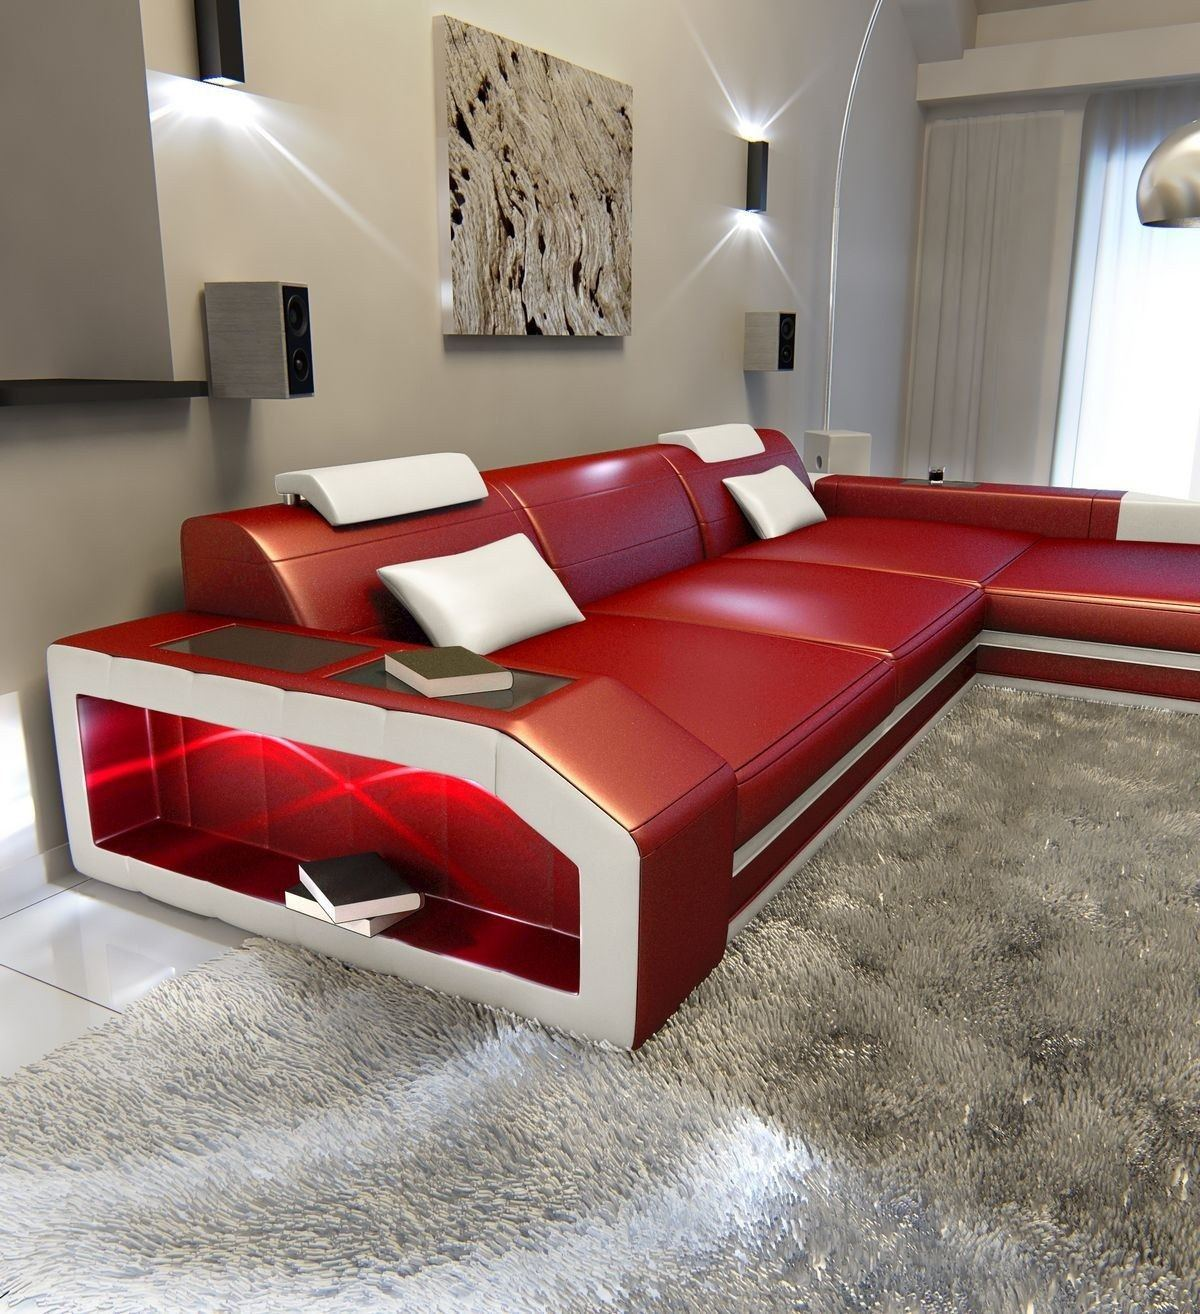 ledersofa prato l form rot weiss. Black Bedroom Furniture Sets. Home Design Ideas